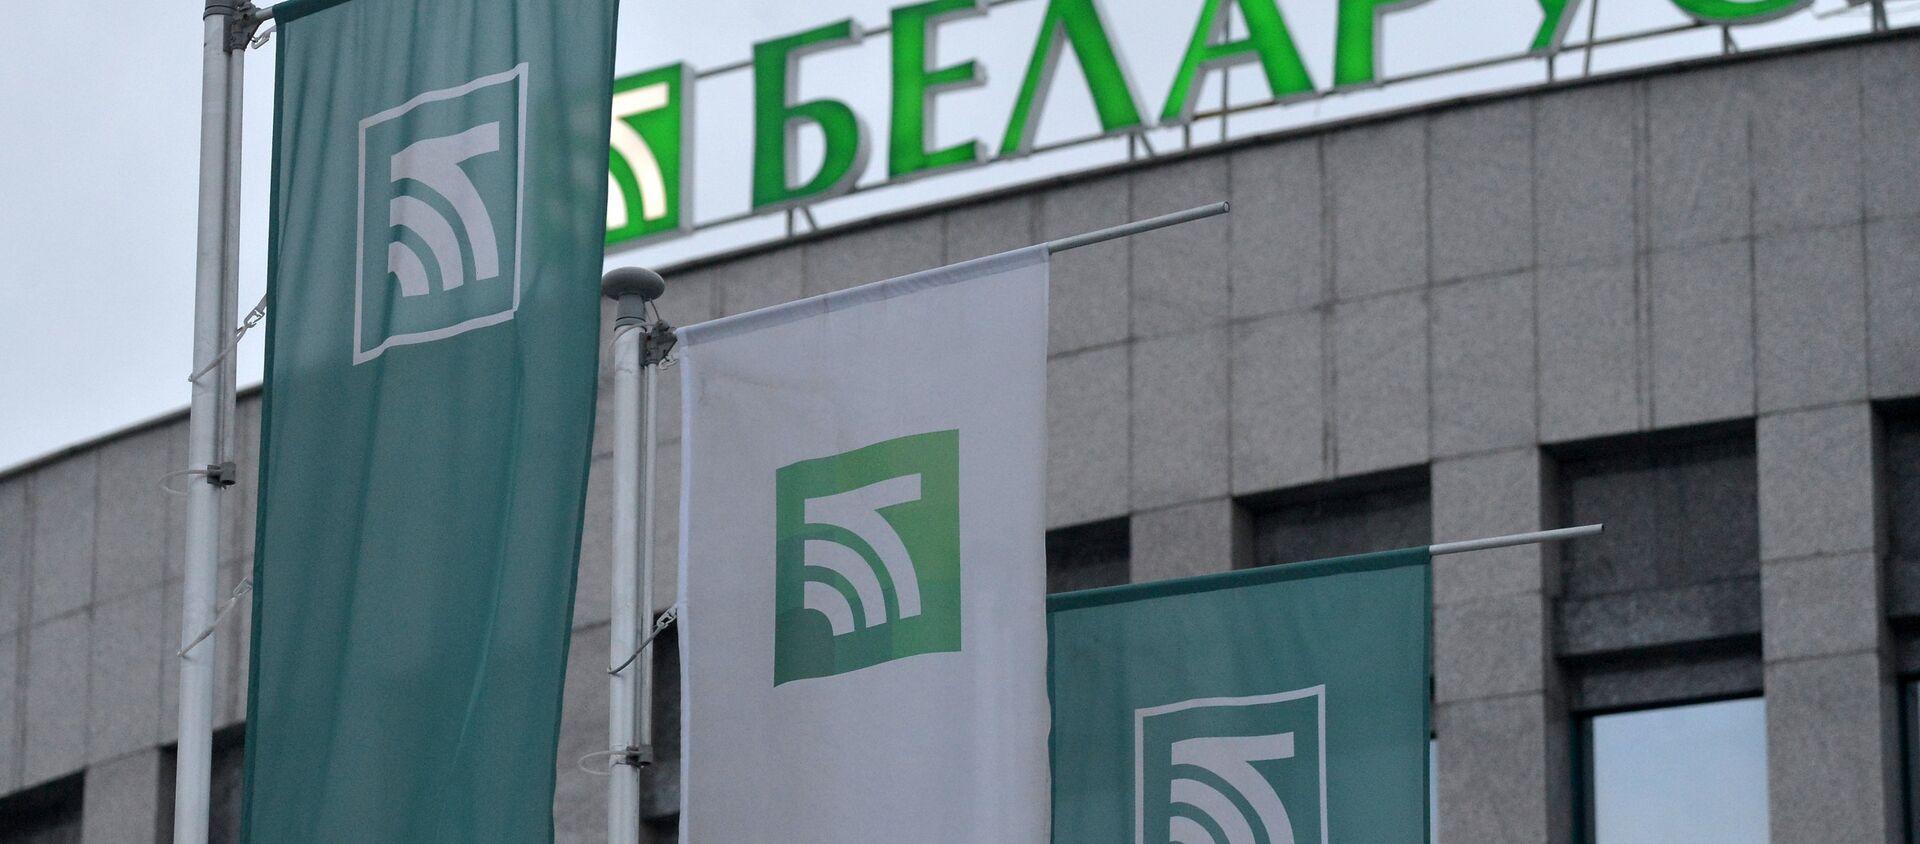 Офис Беларусбанка в Минске - Sputnik Беларусь, 1920, 05.02.2021